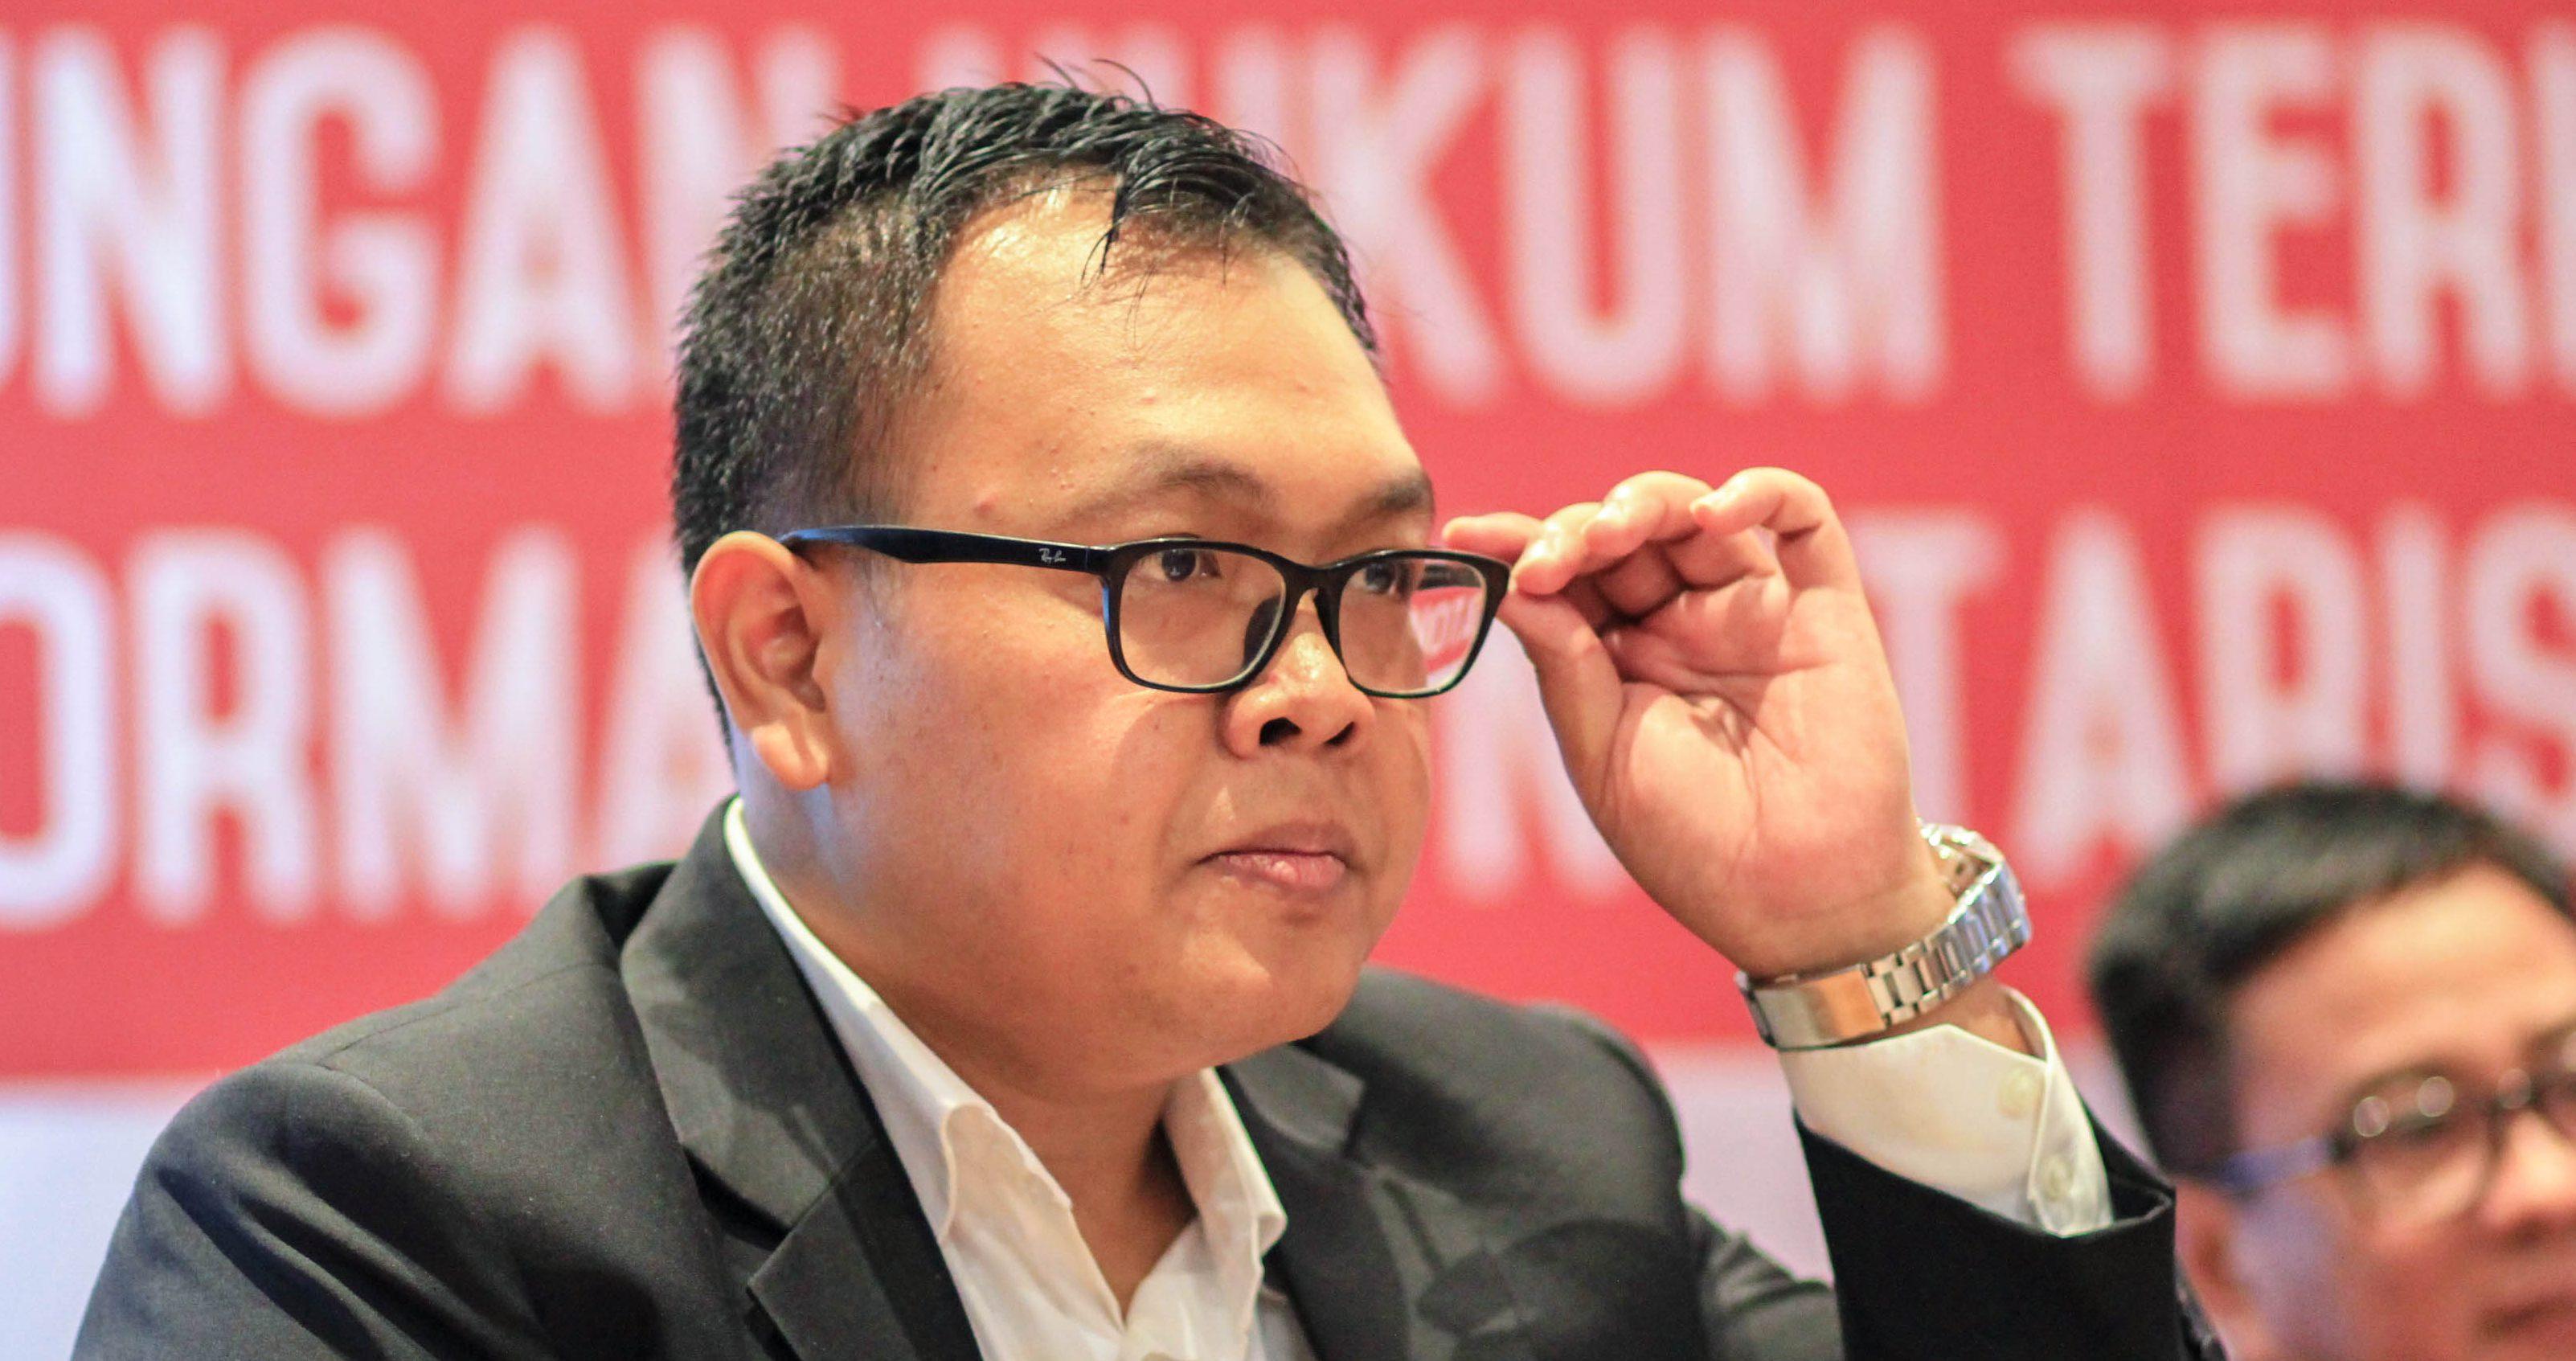 Wajib Bahasa Indonesia, Mahkamah Agung Batalkan Perjanjian Bahasa Inggris